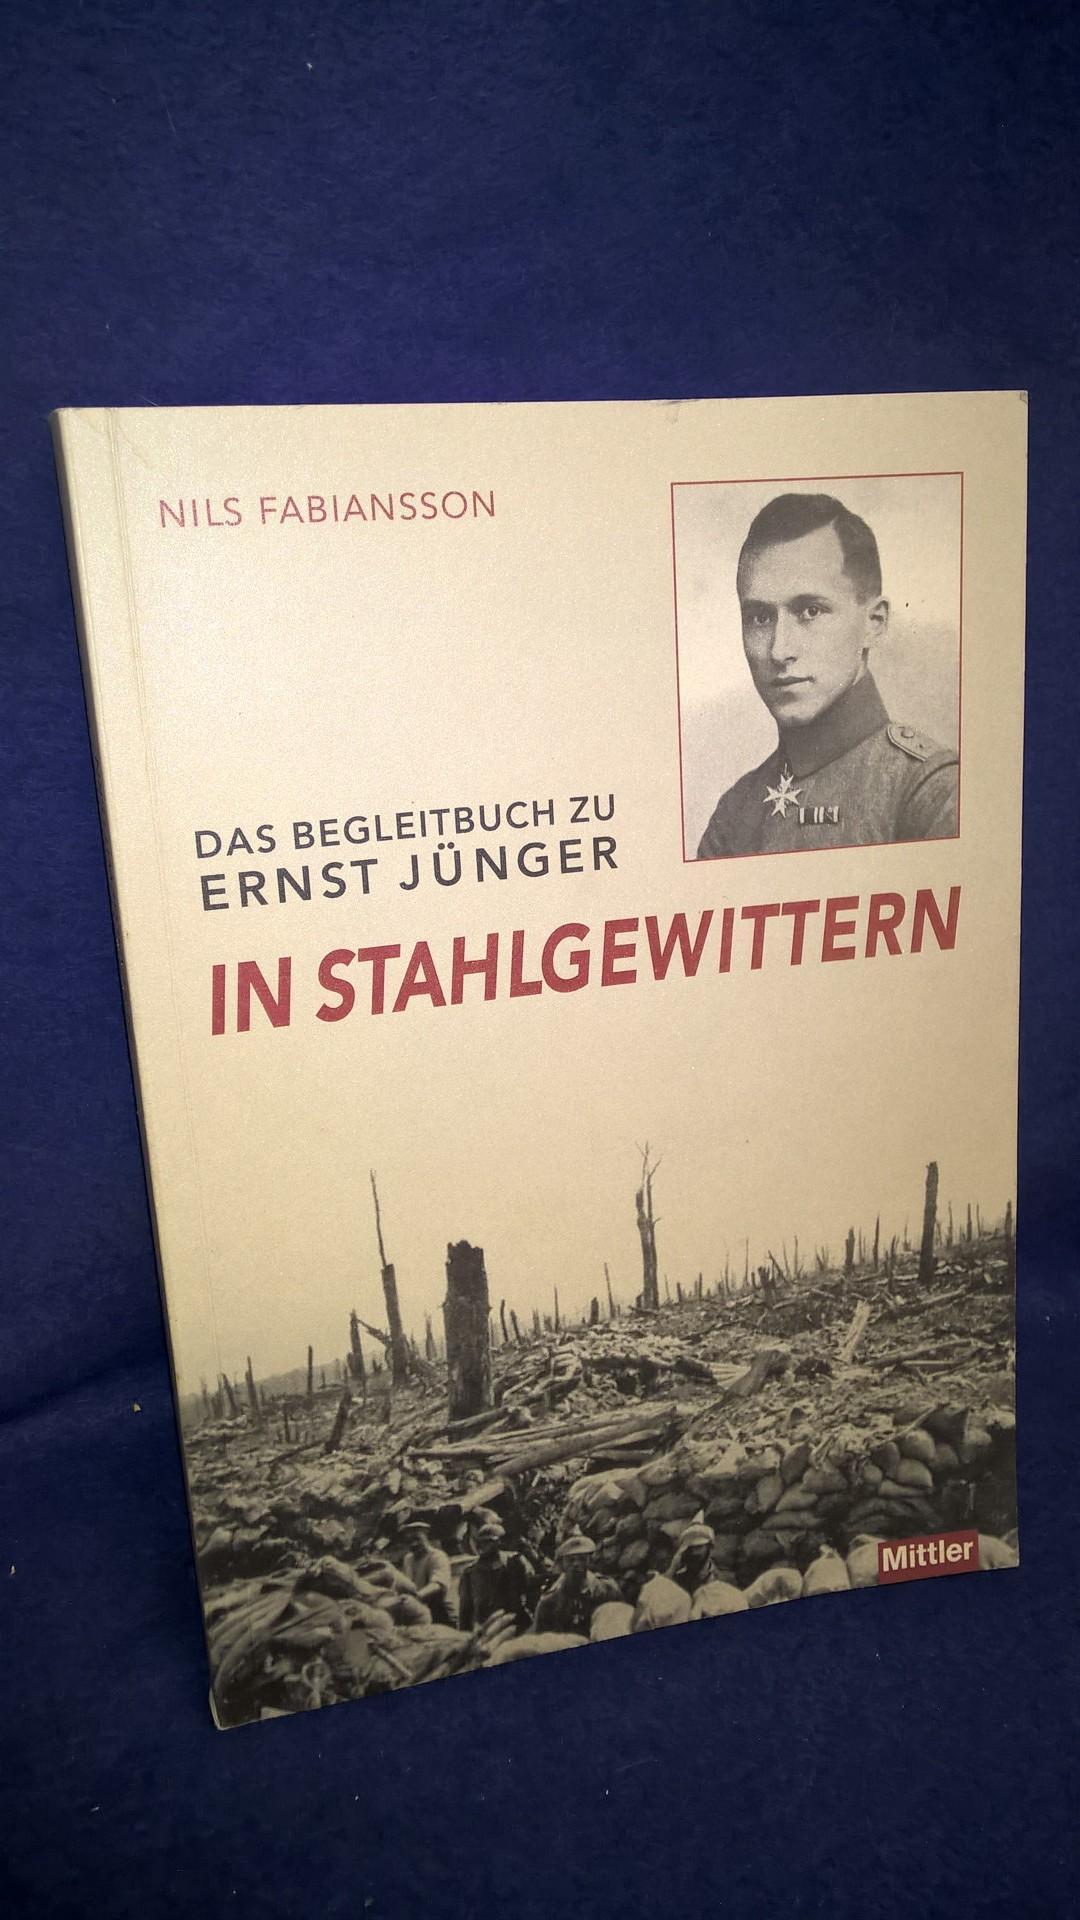 Das Begleitbuch zu Ernst Jünger: In Stahlgewittern